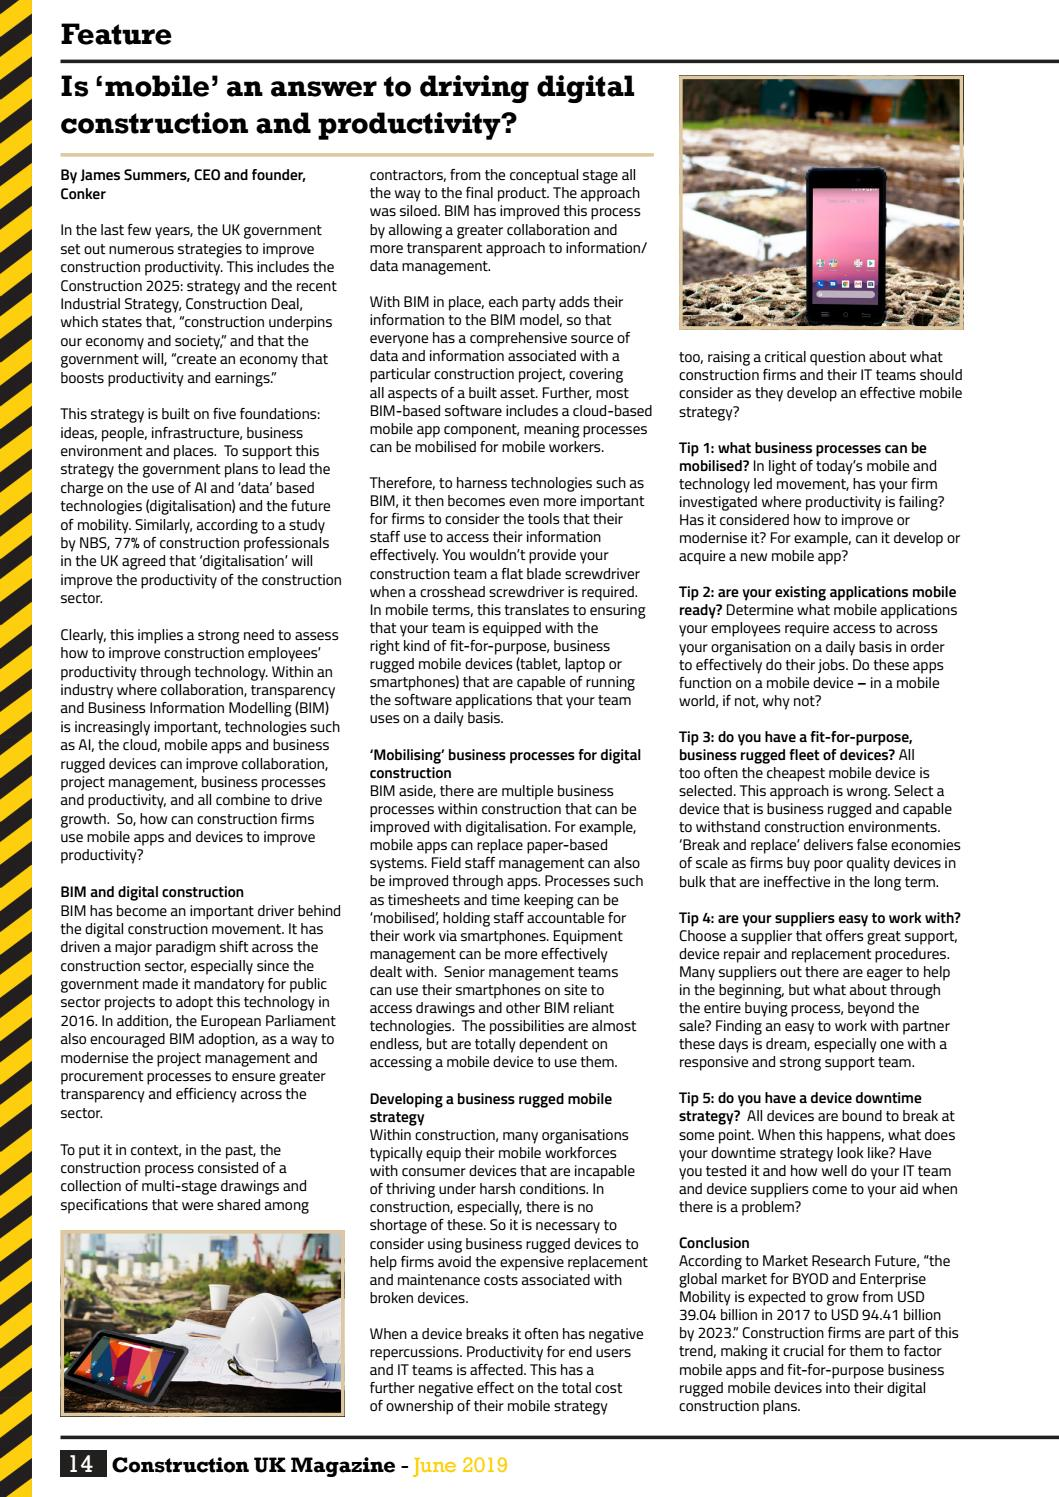 Construction UK Magazine - June 2019 by Lapthorn Media - issuu